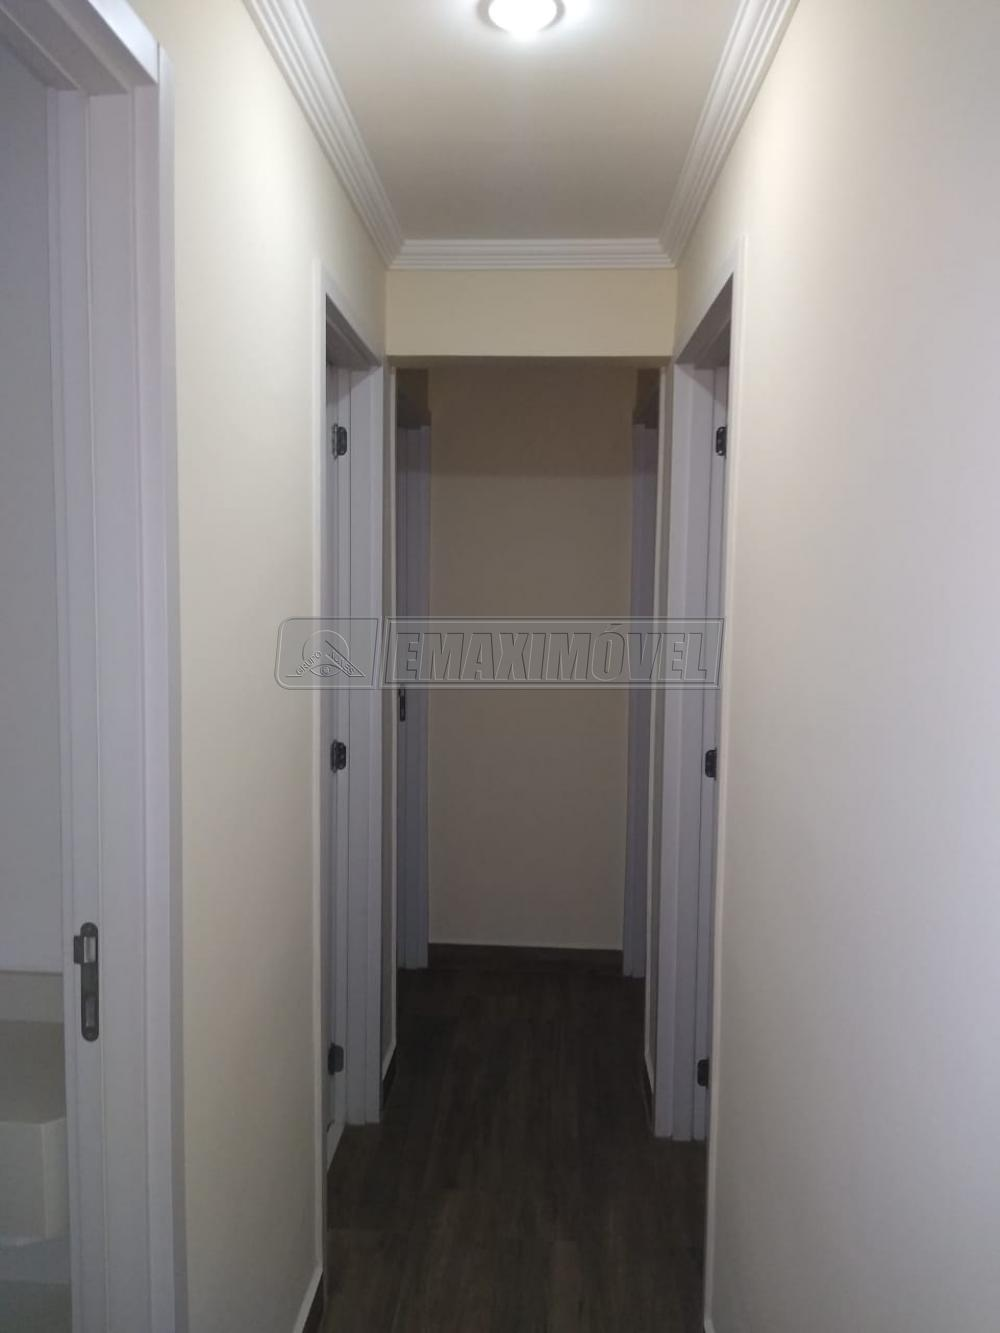 Comprar Apartamentos / Apto Padrão em Sorocaba apenas R$ 490.000,00 - Foto 6